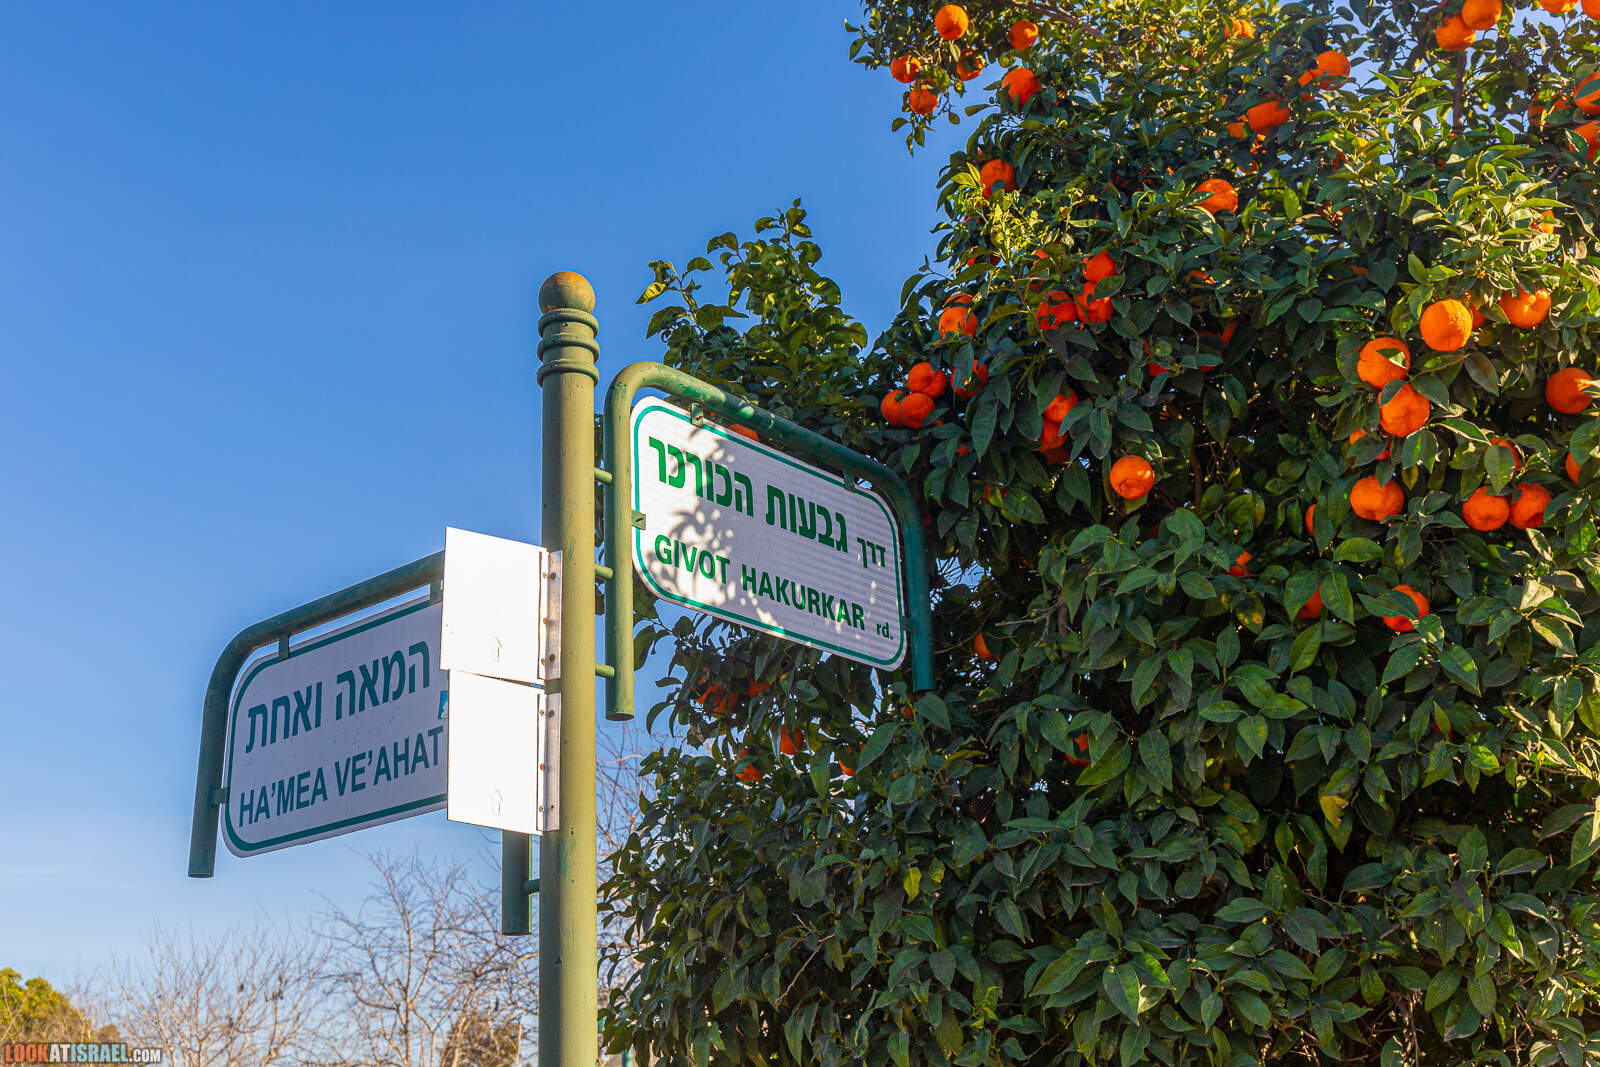 Ирис аргаман в Нес Циона | LookAtIsrael.com - Фото путешествия по Израилю